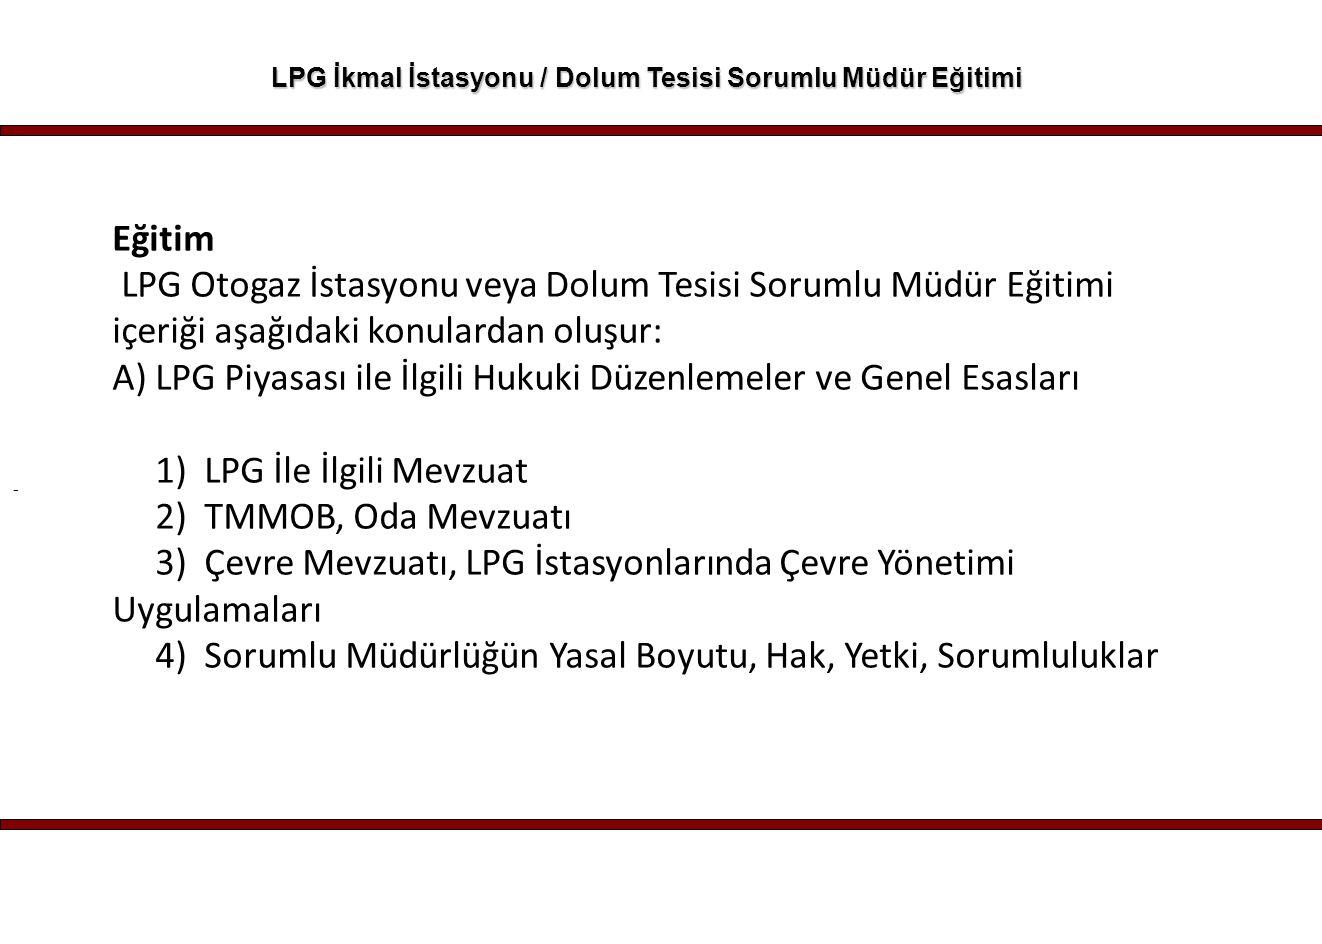 - LPG İkmal İstasyonu / Dolum Tesisi Sorumlu Müdür Eğitimi Eğitim LPG Otogaz İstasyonu veya Dolum Tesisi Sorumlu Müdür Eğitimi içeriği aşağıdaki konul